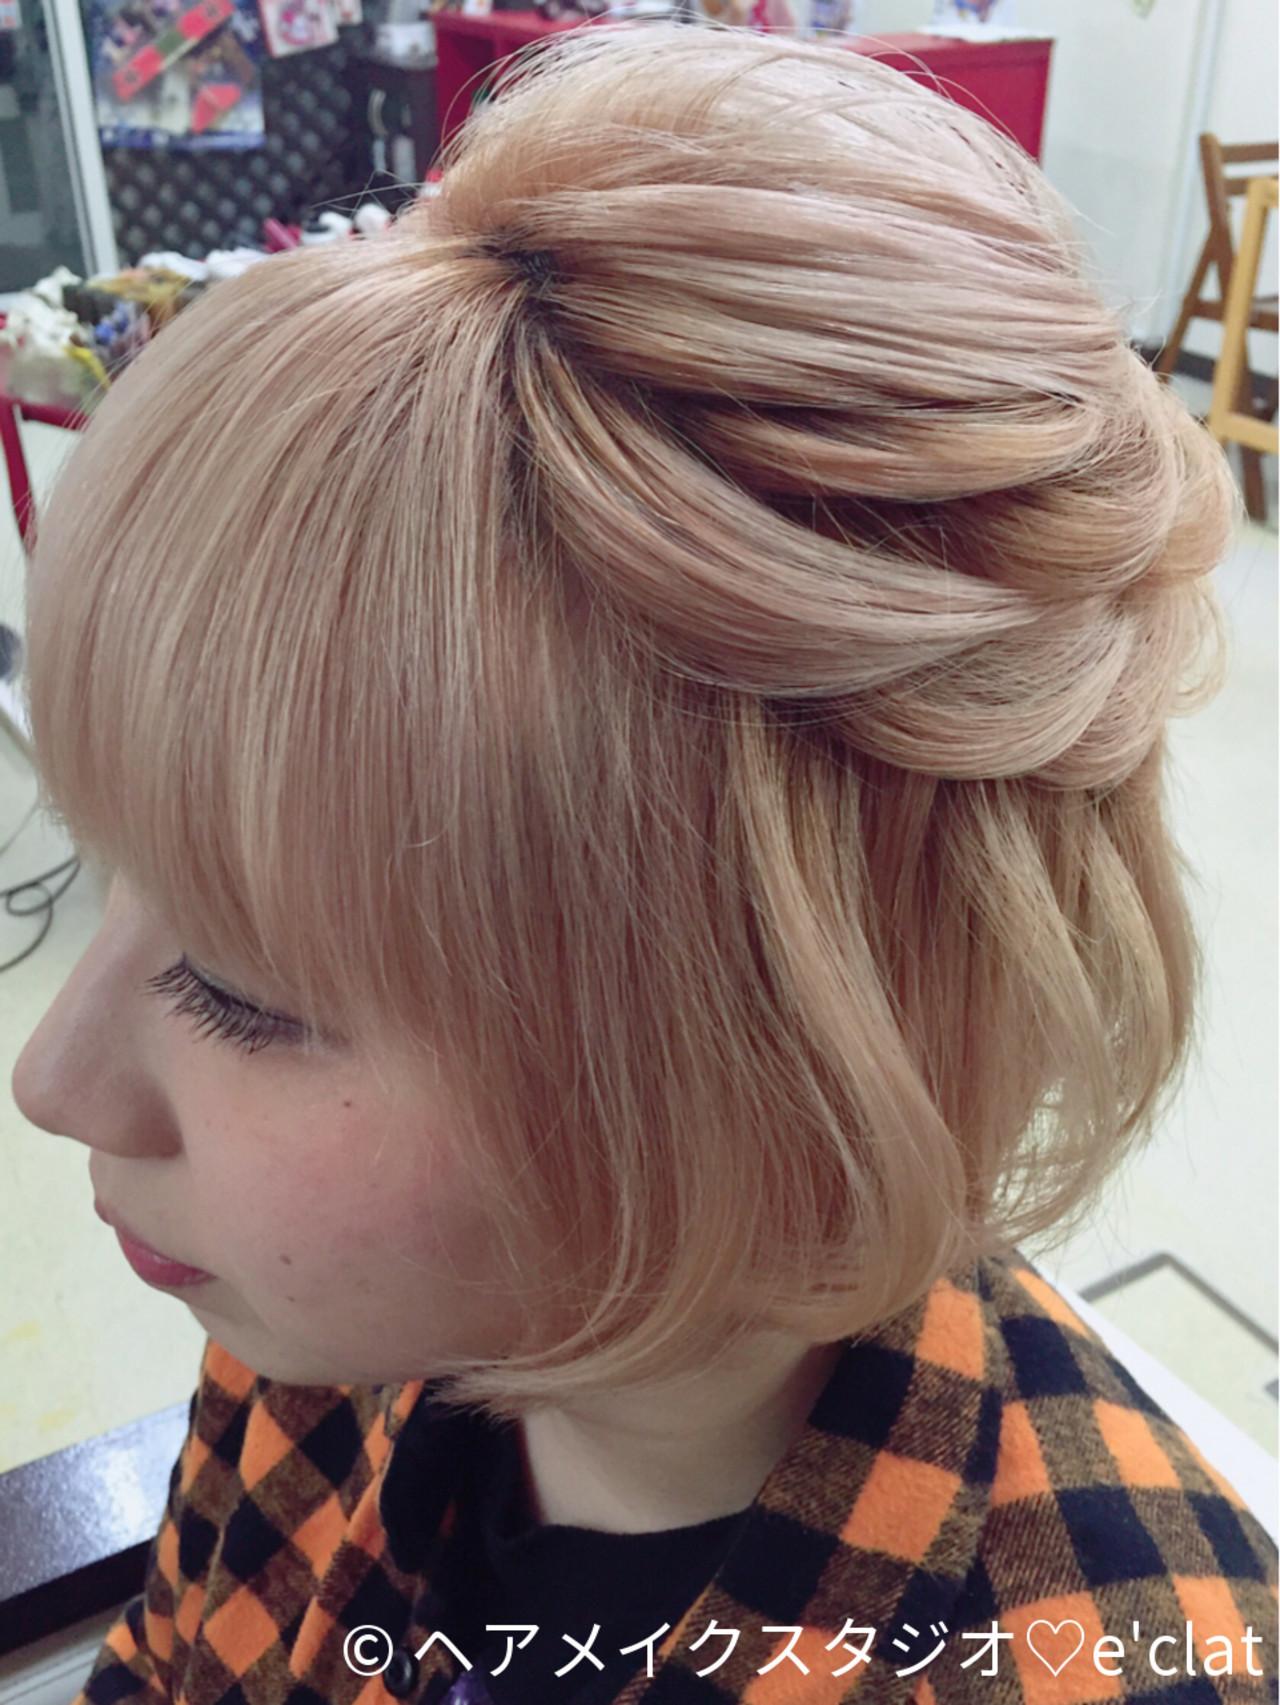 ショート フェミニン ボブ ハーフアップ ヘアスタイルや髪型の写真・画像